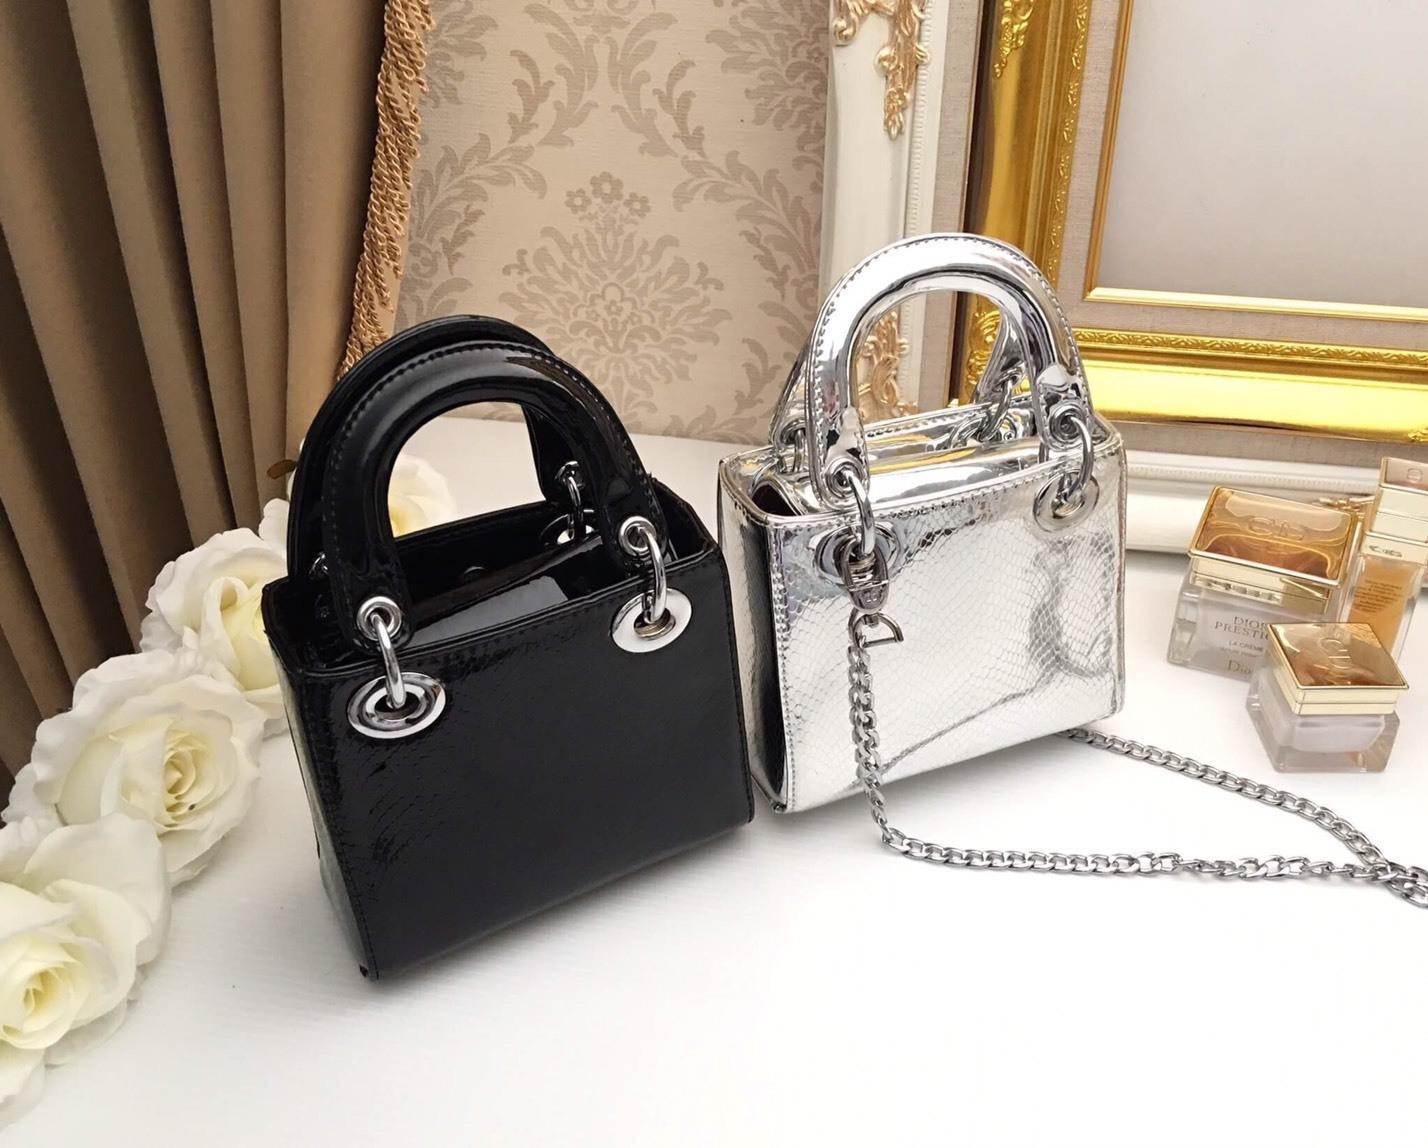 กระเป๋างานแฟชั่นเกาหลี สวยหรูกว่าที่คิดในราคาเบาๆ เป็นกระเป็น ทรง คลาสสิค